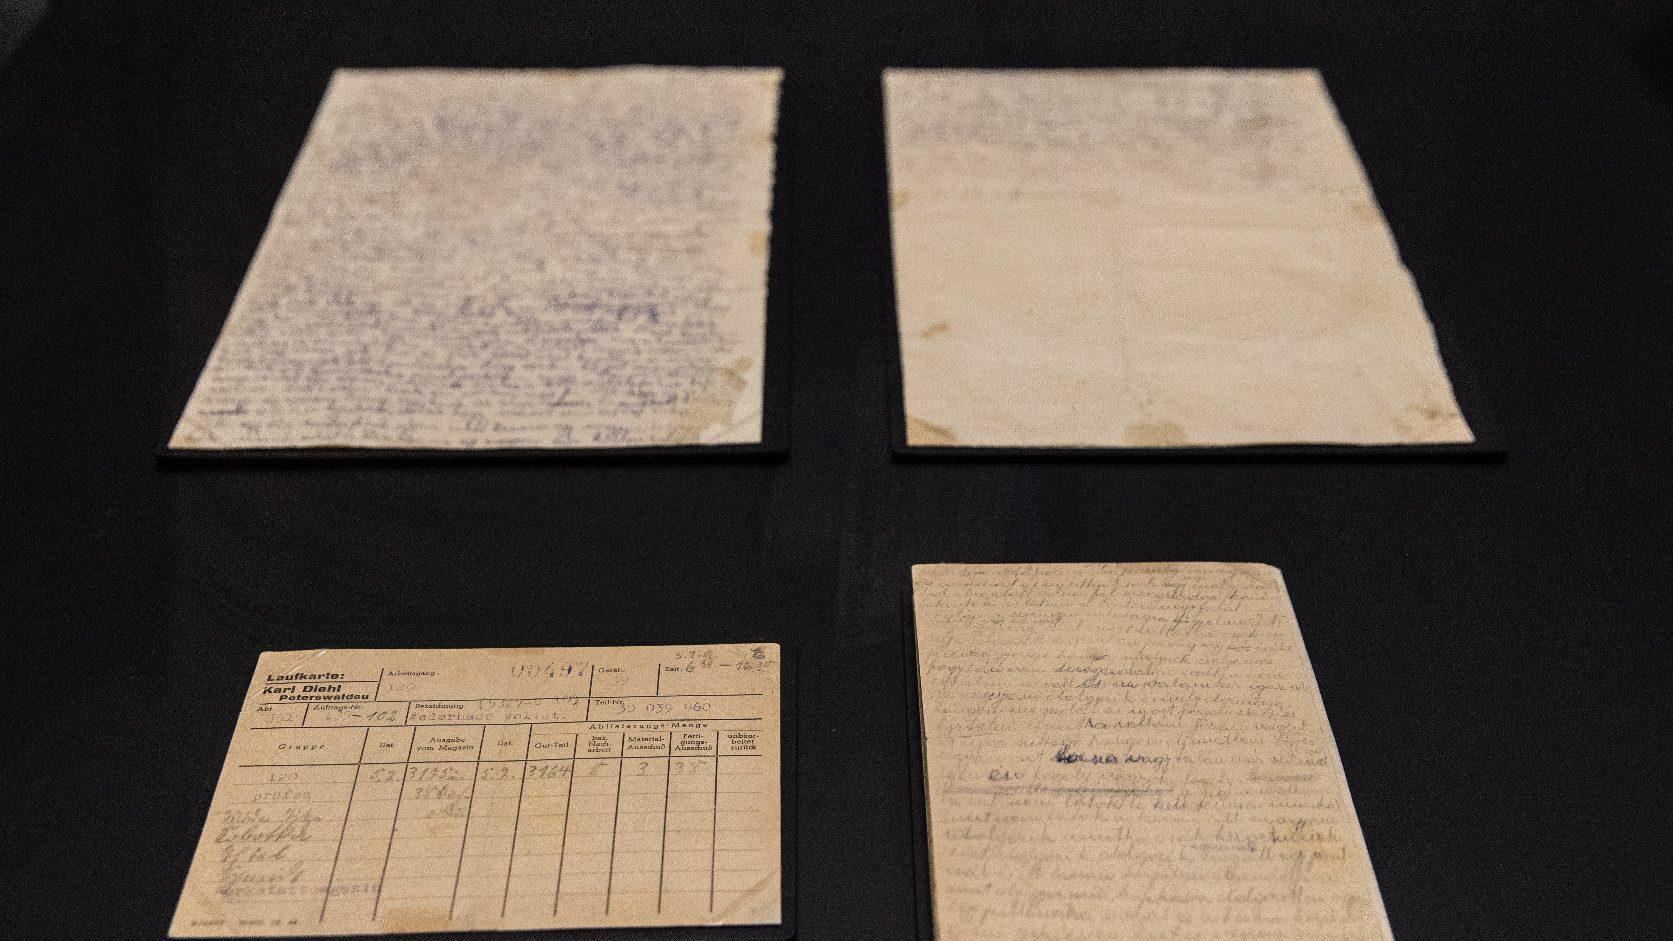 Magyarországról elhurcolt auschwitzi túlélő különleges naplóját mutatja be a Német Történeti Múzeum